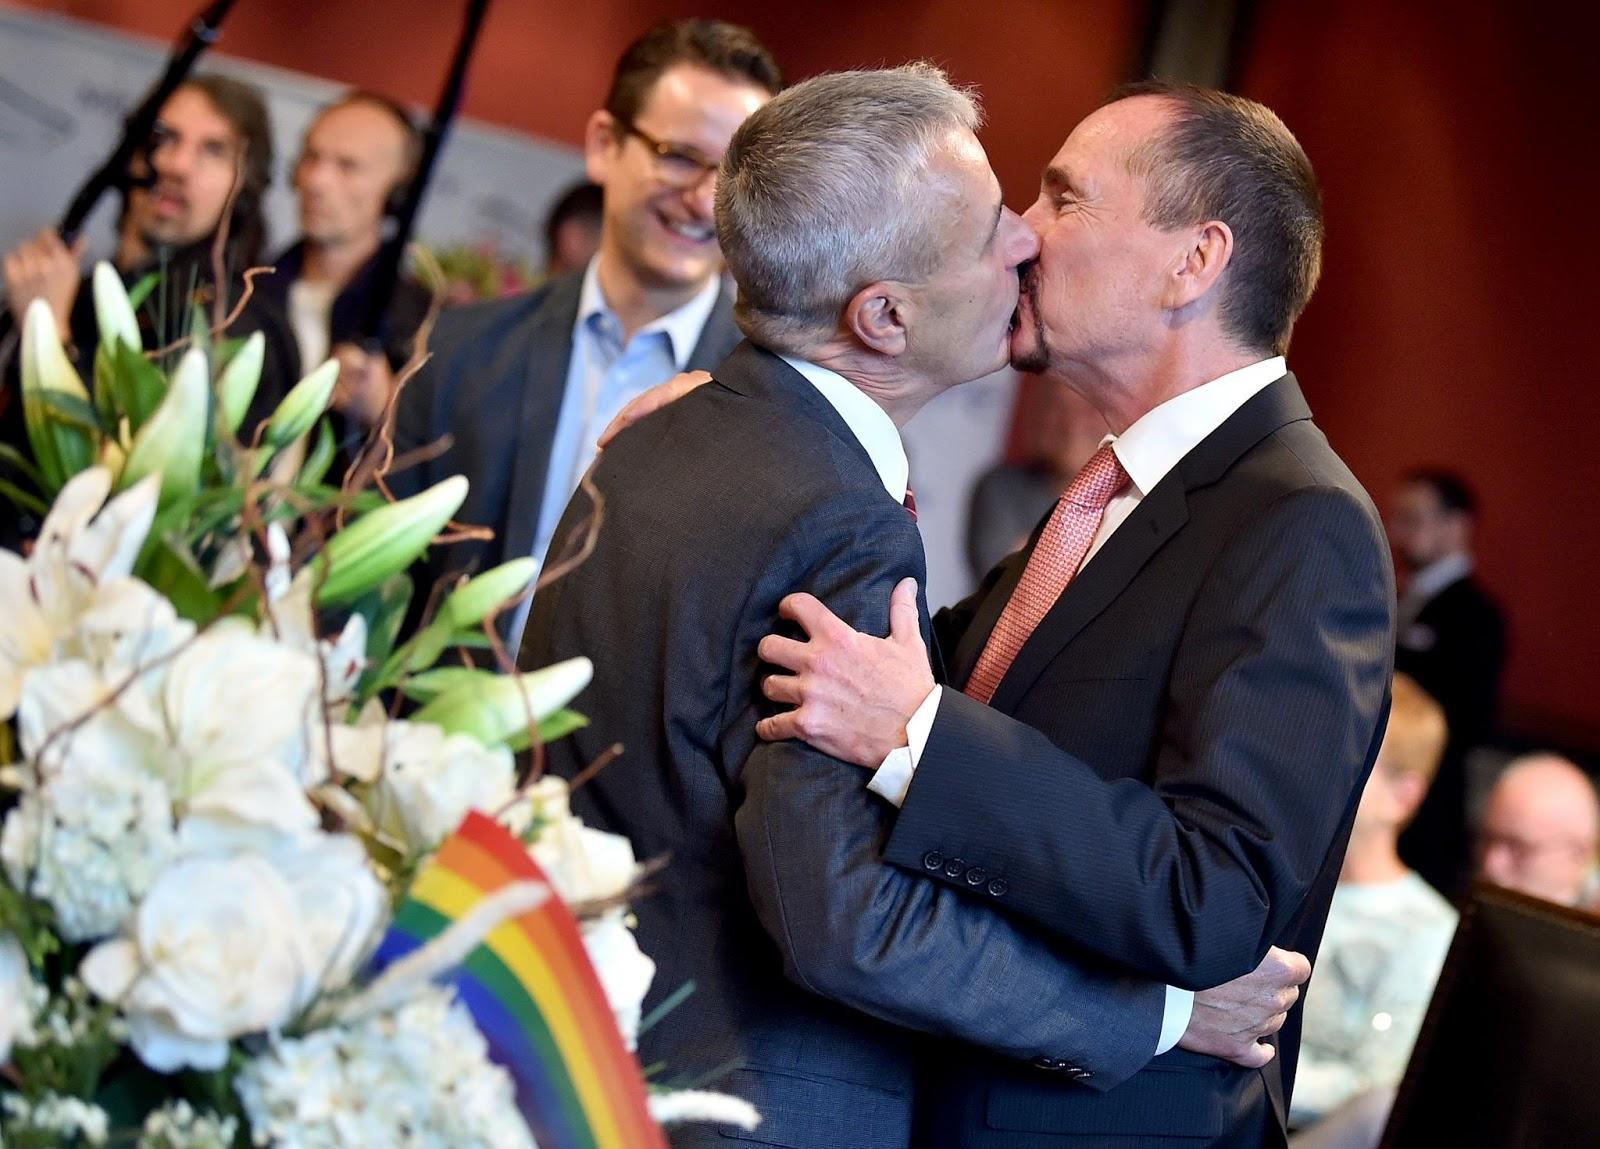 Casamento entre pessoas do mesmo sexo entra em vigor na Alemanha